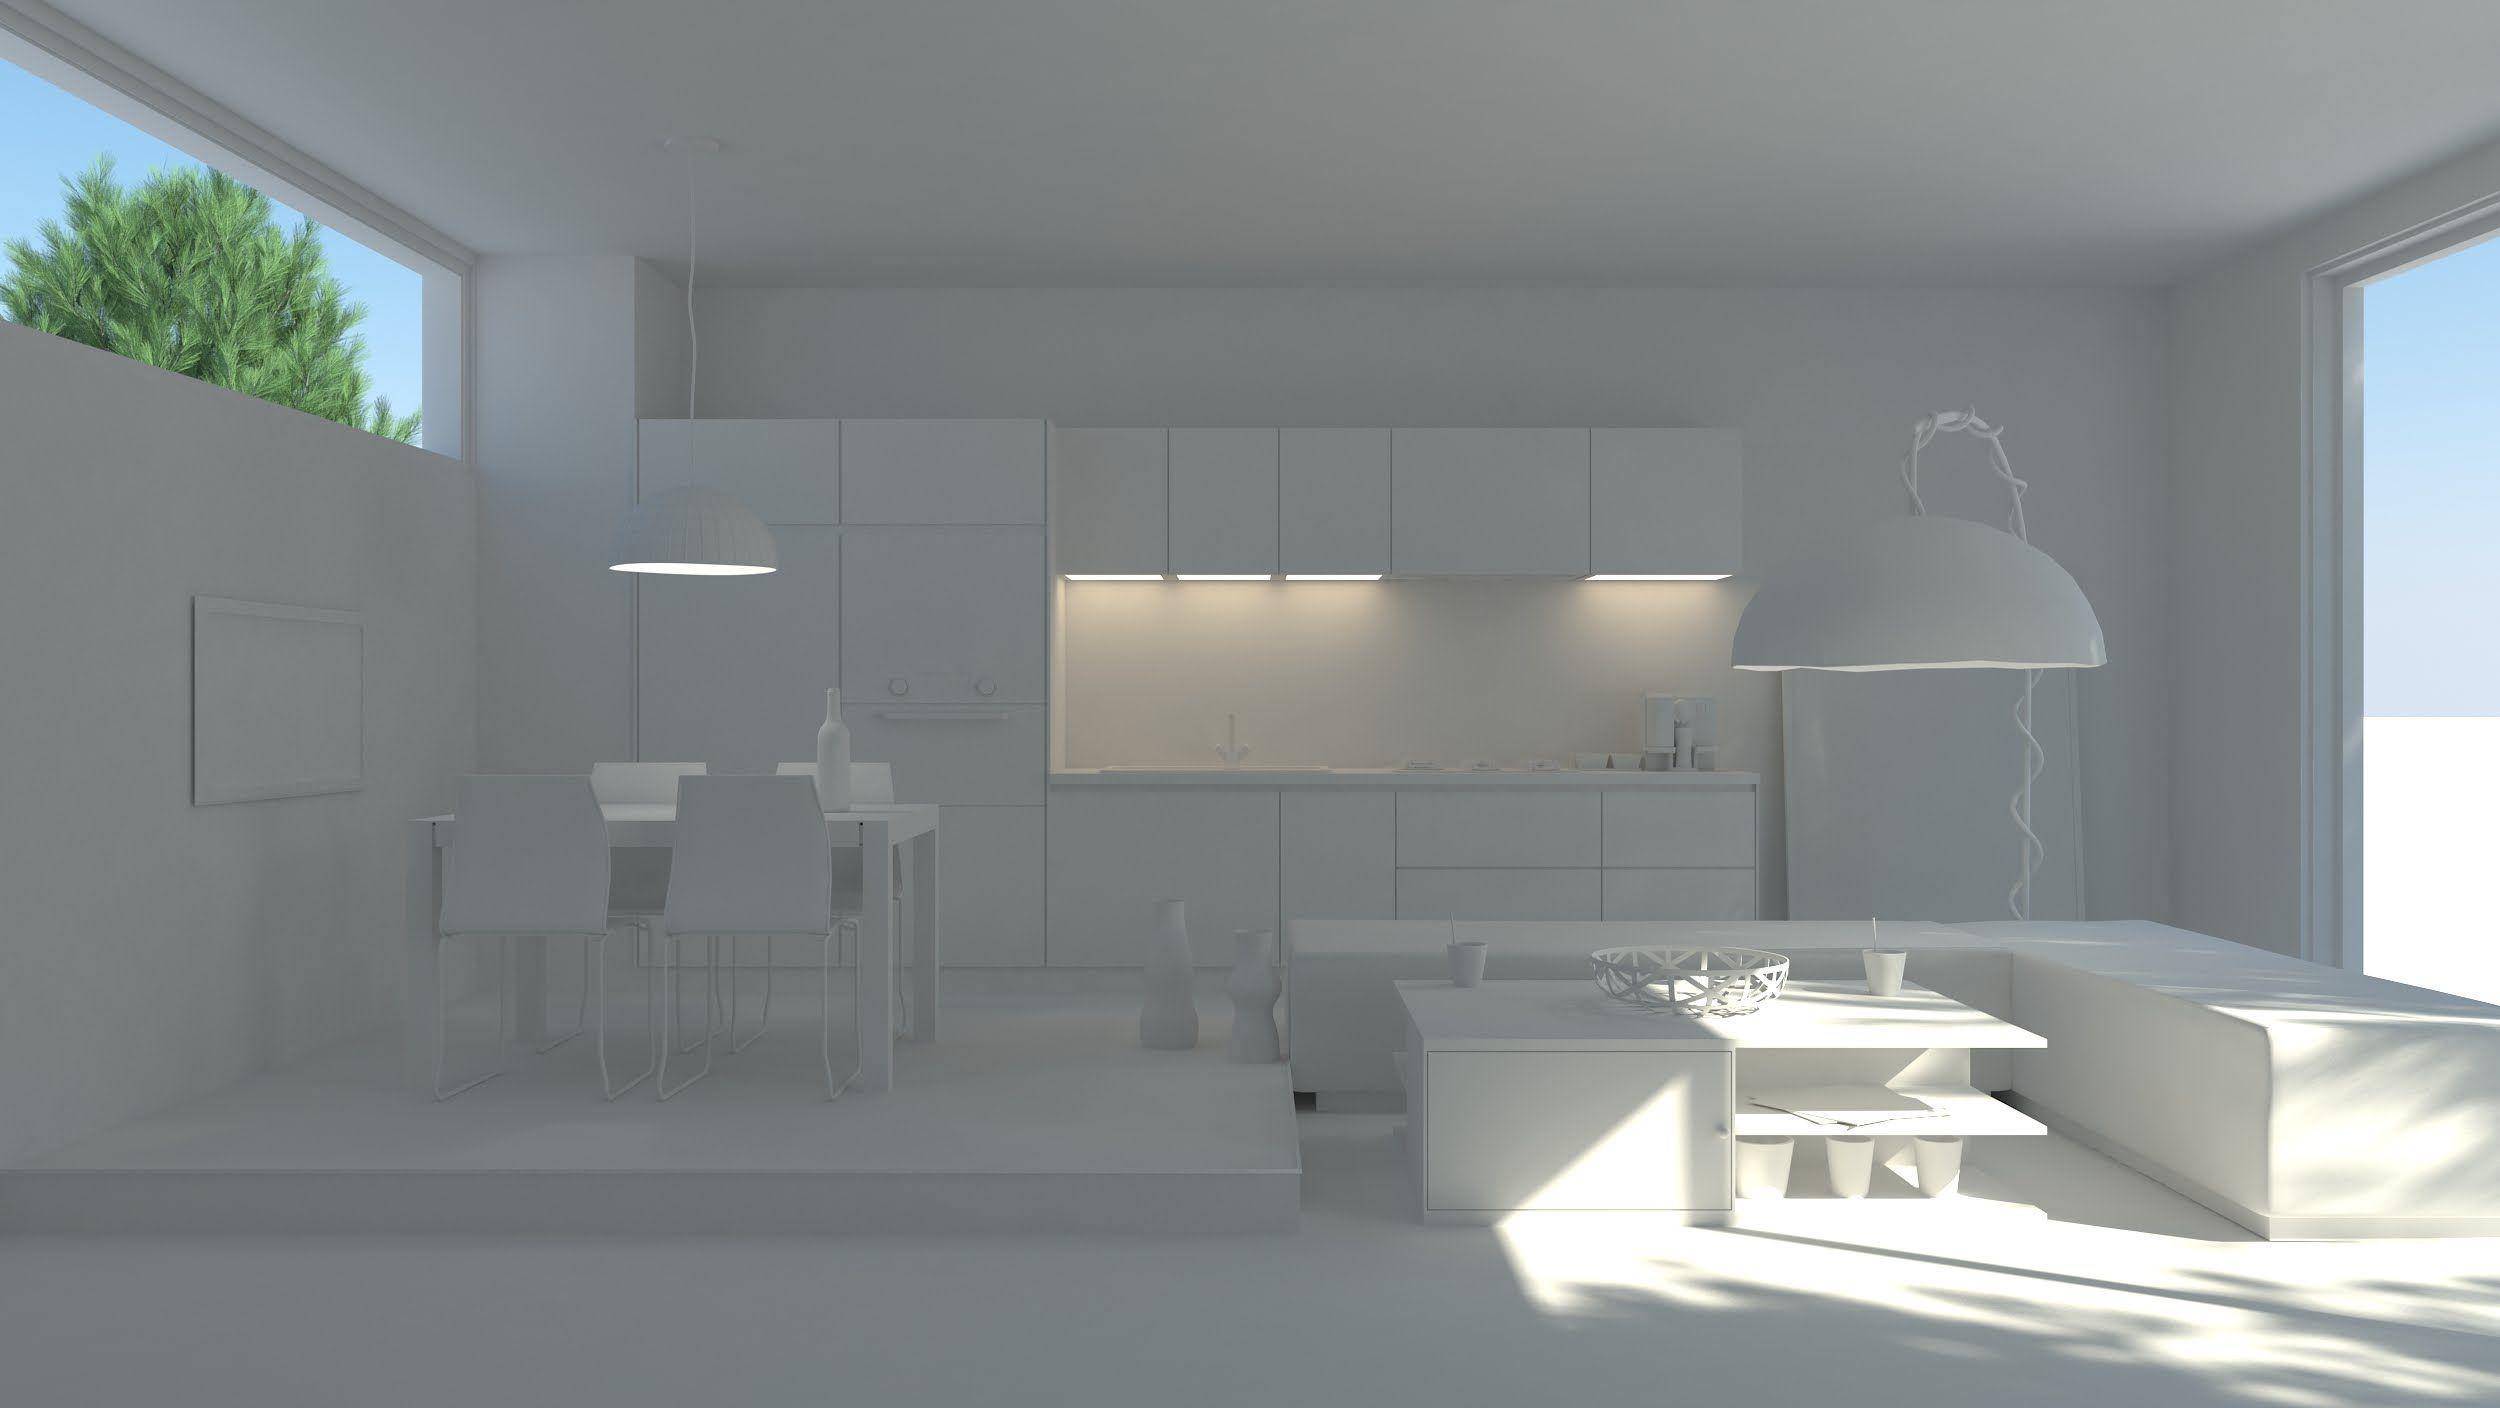 Vray nterior rendering tutorial part 1 lightining 3ds max 2015 vray nterior rendering tutorial part 1 lightining 3ds max 2015 vray baditri Image collections